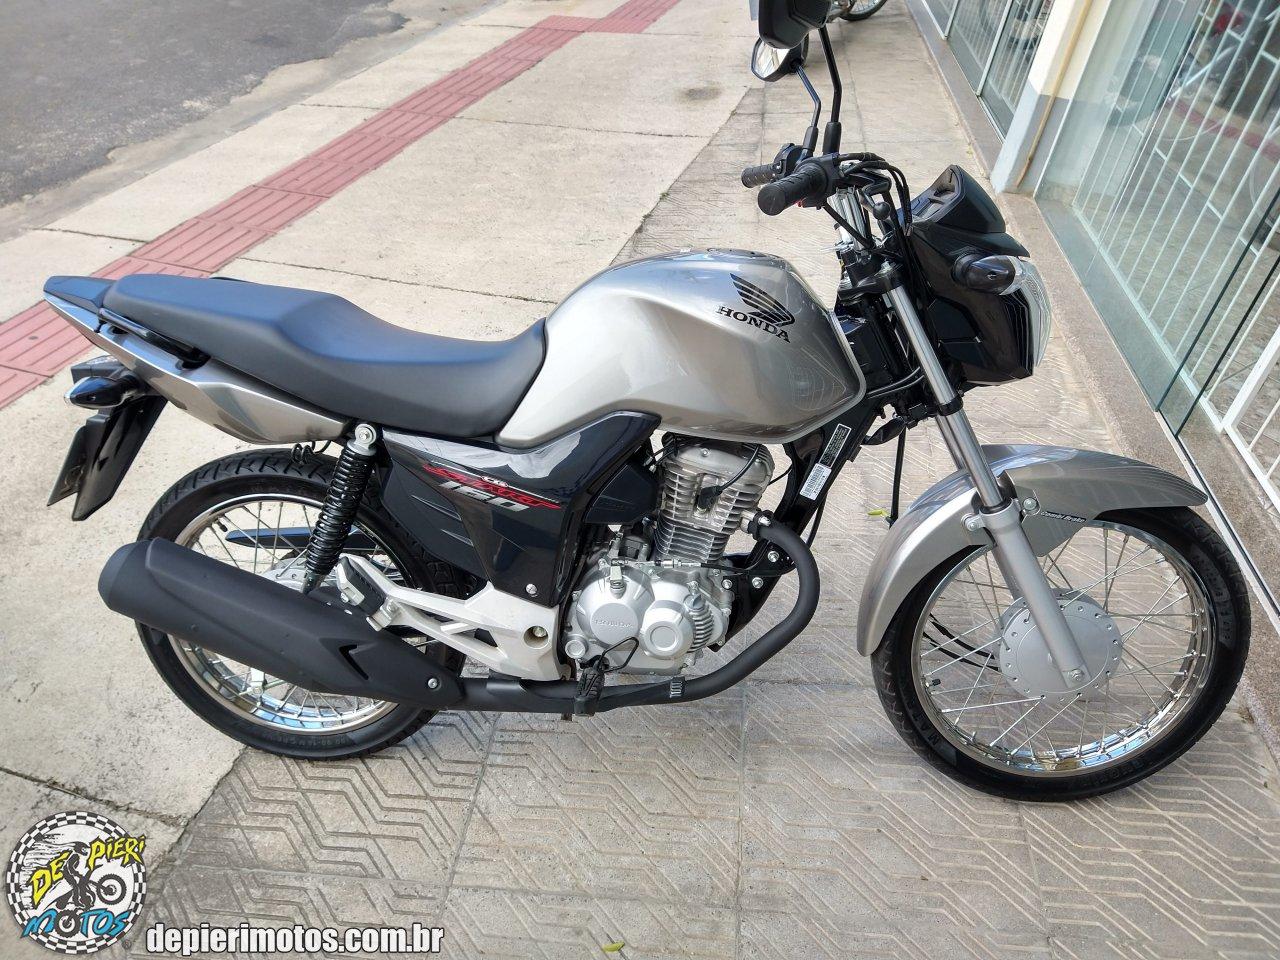 Kawasaki KX 65 Ficha Técnica   MOTO.com.br